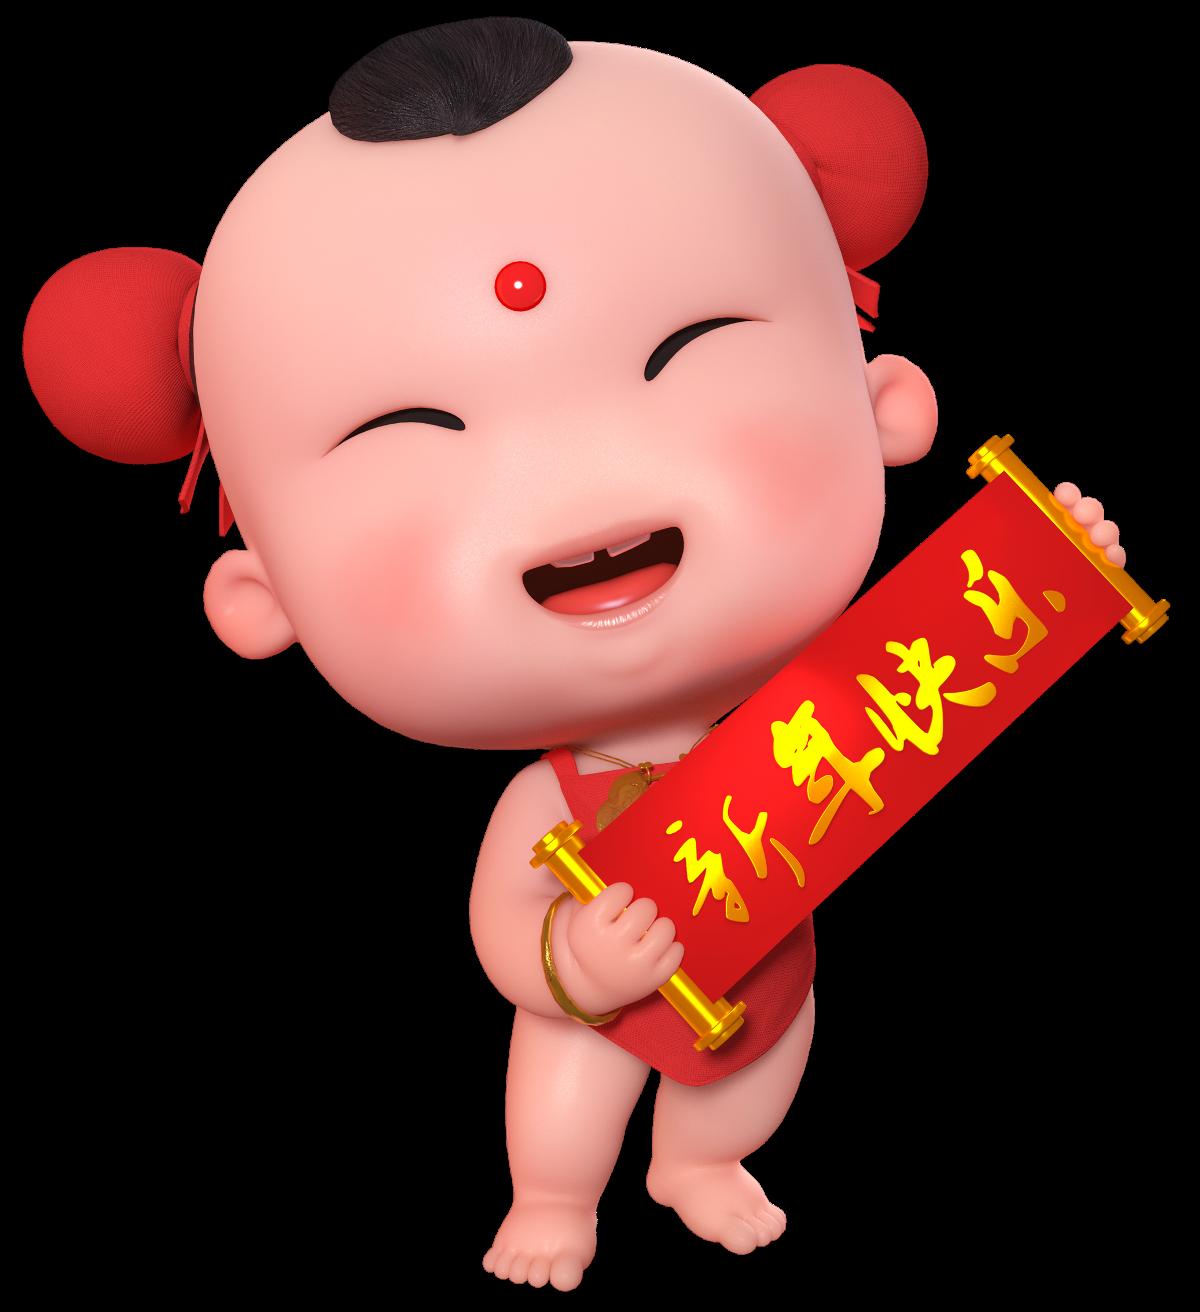 招财童子春节狗年大吉喜庆素材高清大图PNG过大年招财童子最新的品牌升级3D版本!